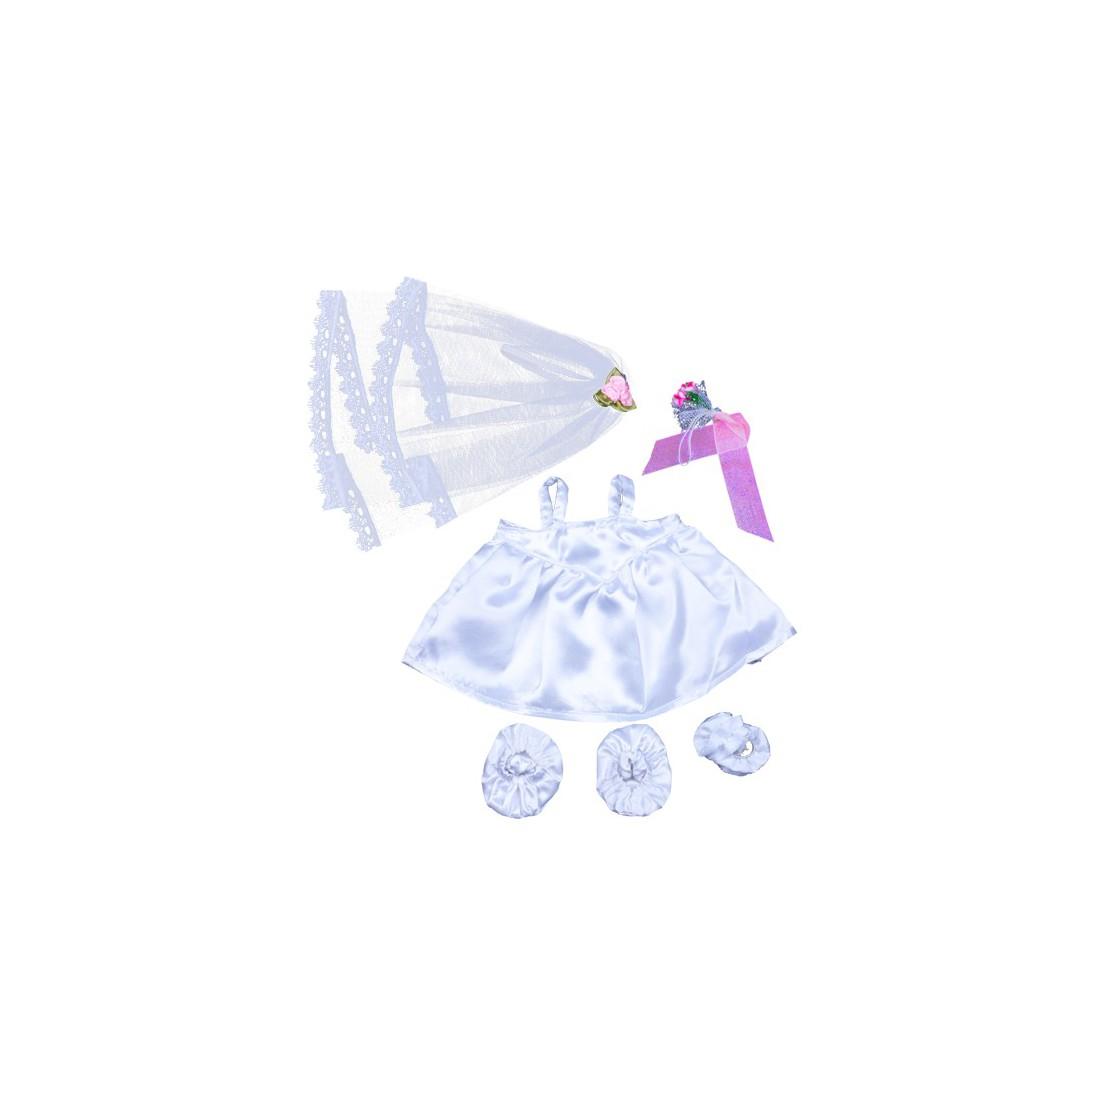 Robe de mariée avec voile & bouquet  - La tenue idéale pour les peluches personnalisées ! Transformez votre Teddy en un insépara